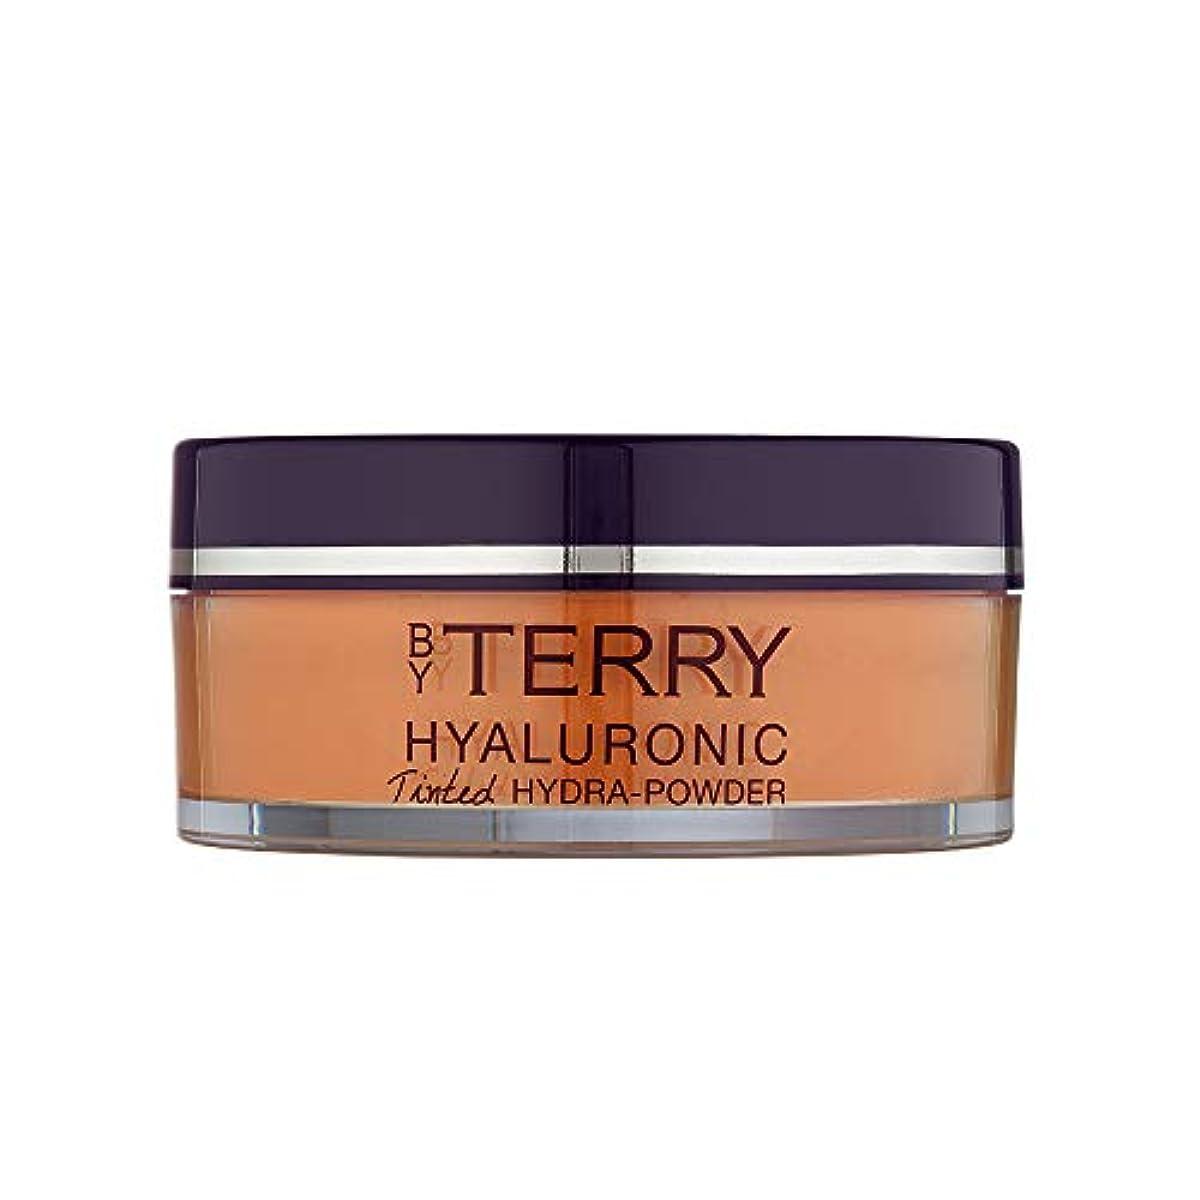 と闘う天リークバイテリー Hyaluronic Tinted Hydra Care Setting Powder - # 500 Medium Dark 10g/0.35oz並行輸入品